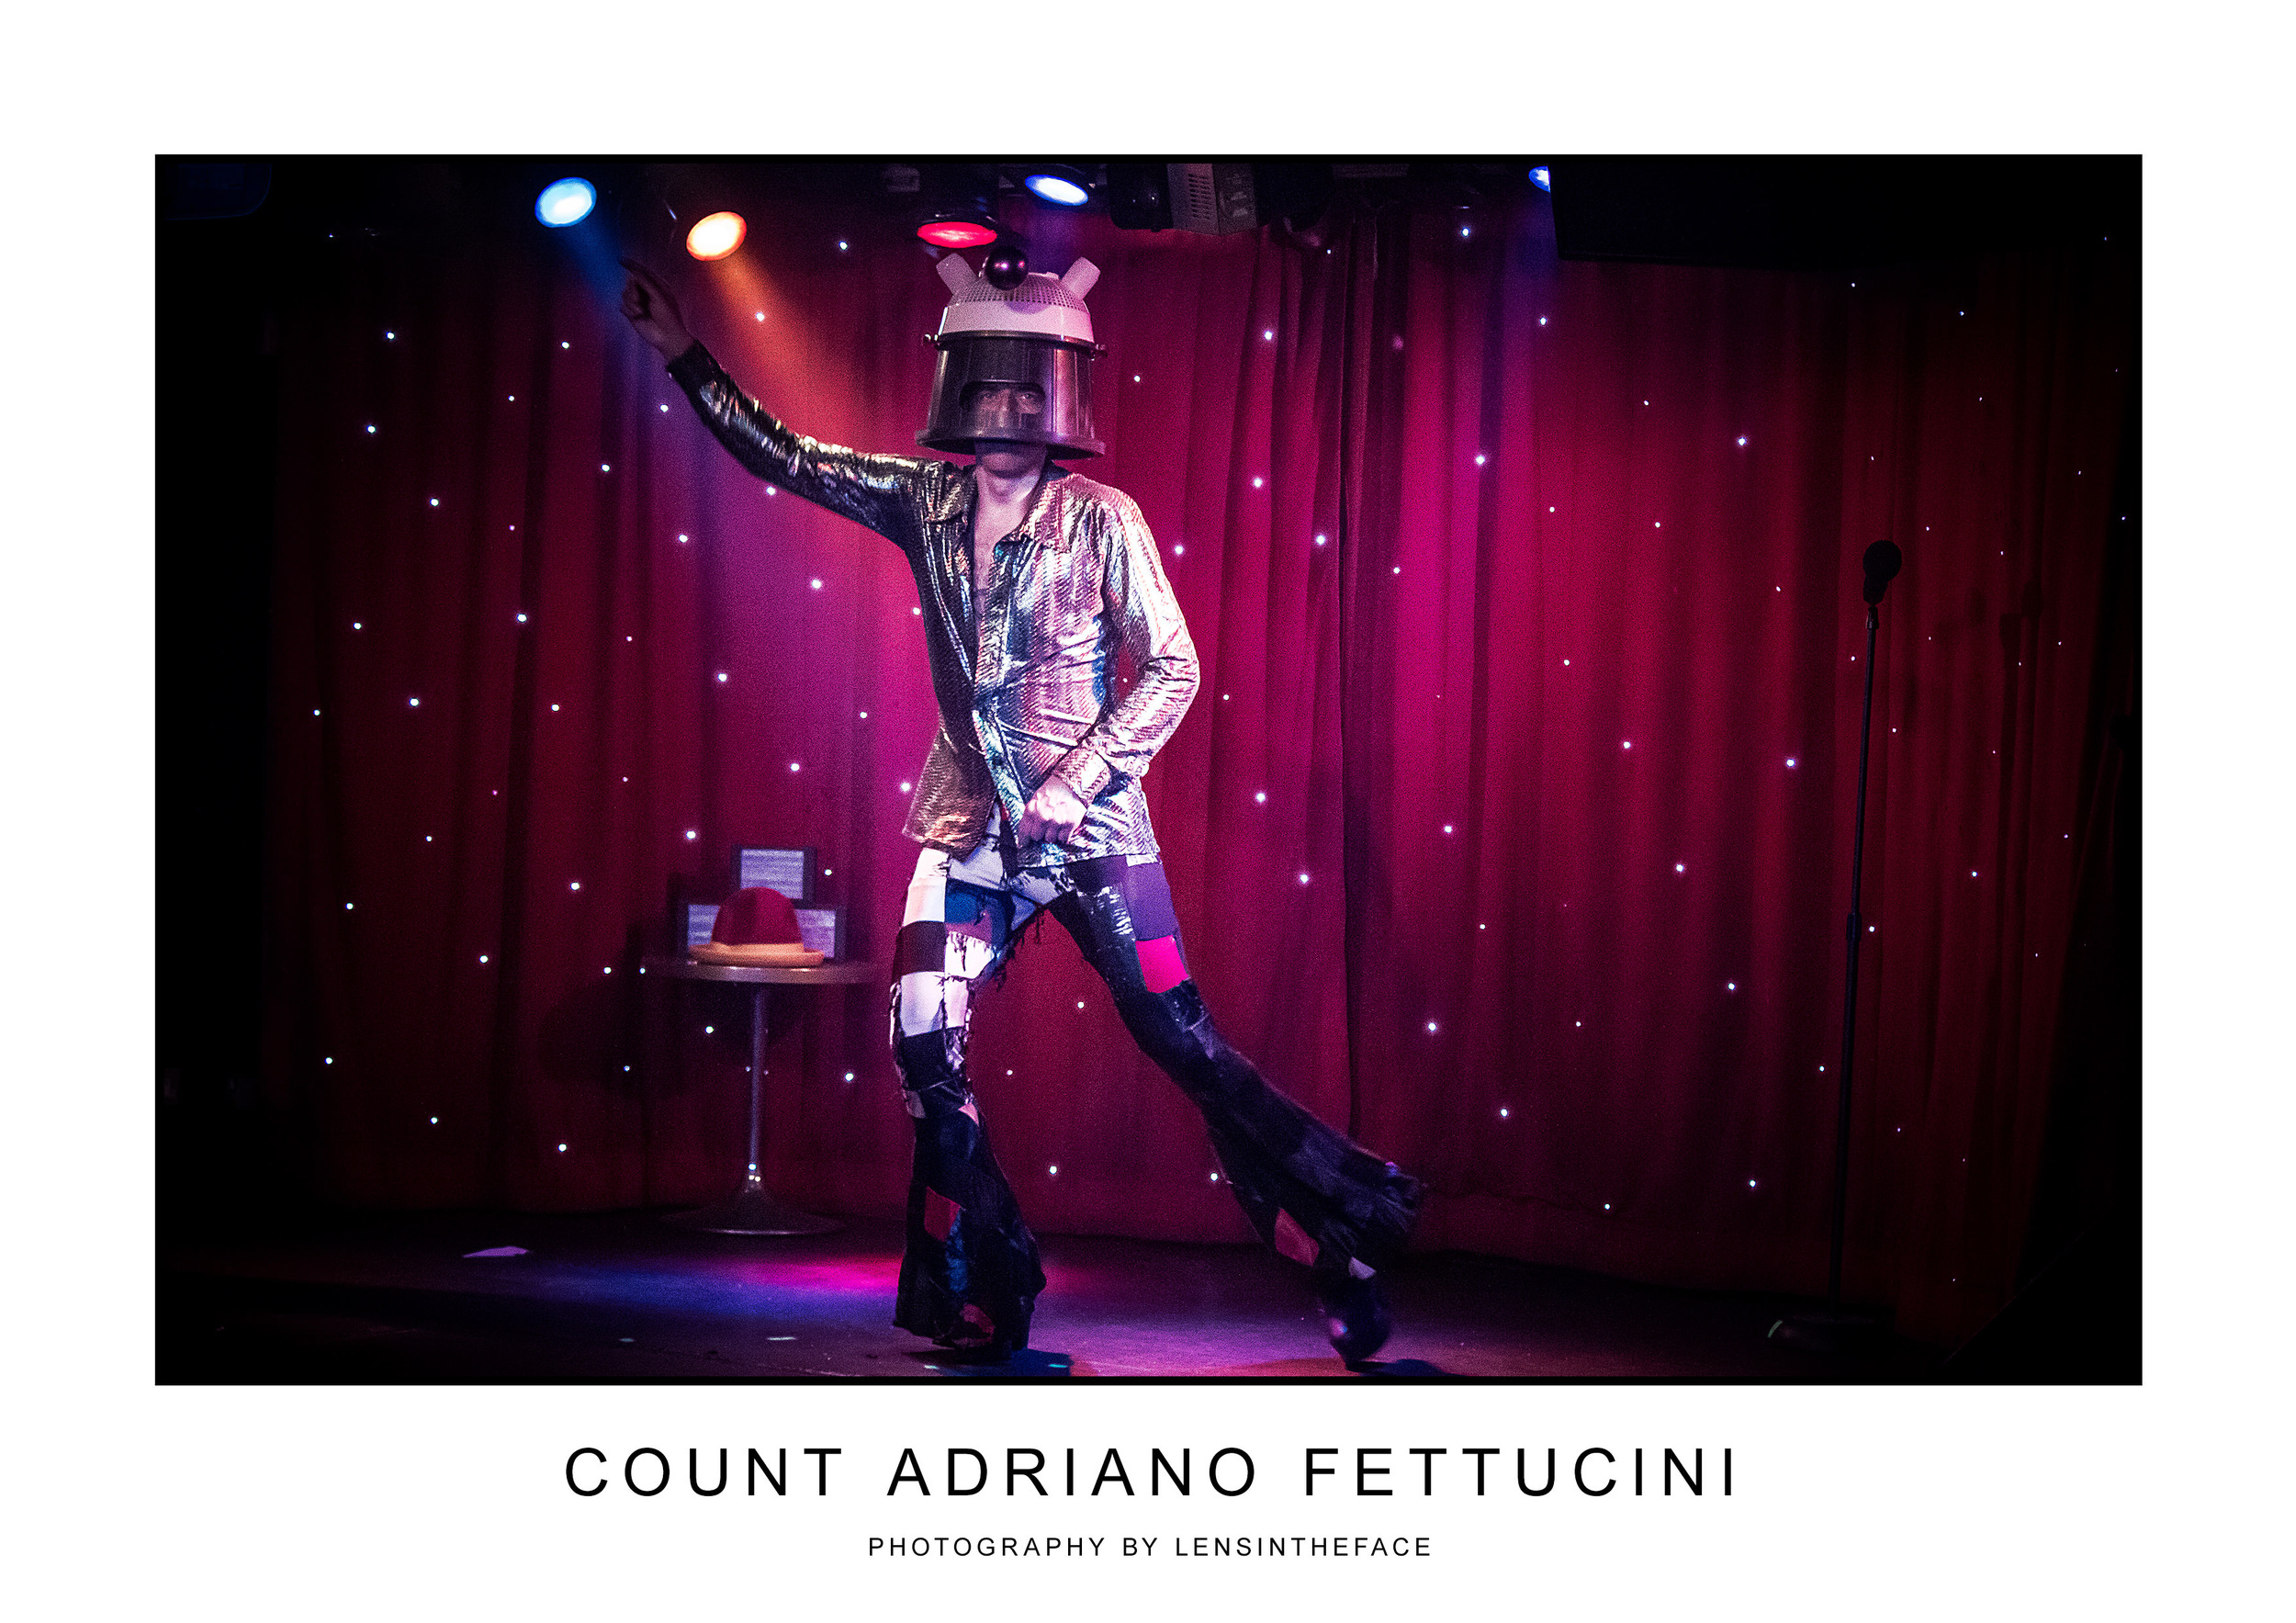 Count Adriano Fettucini